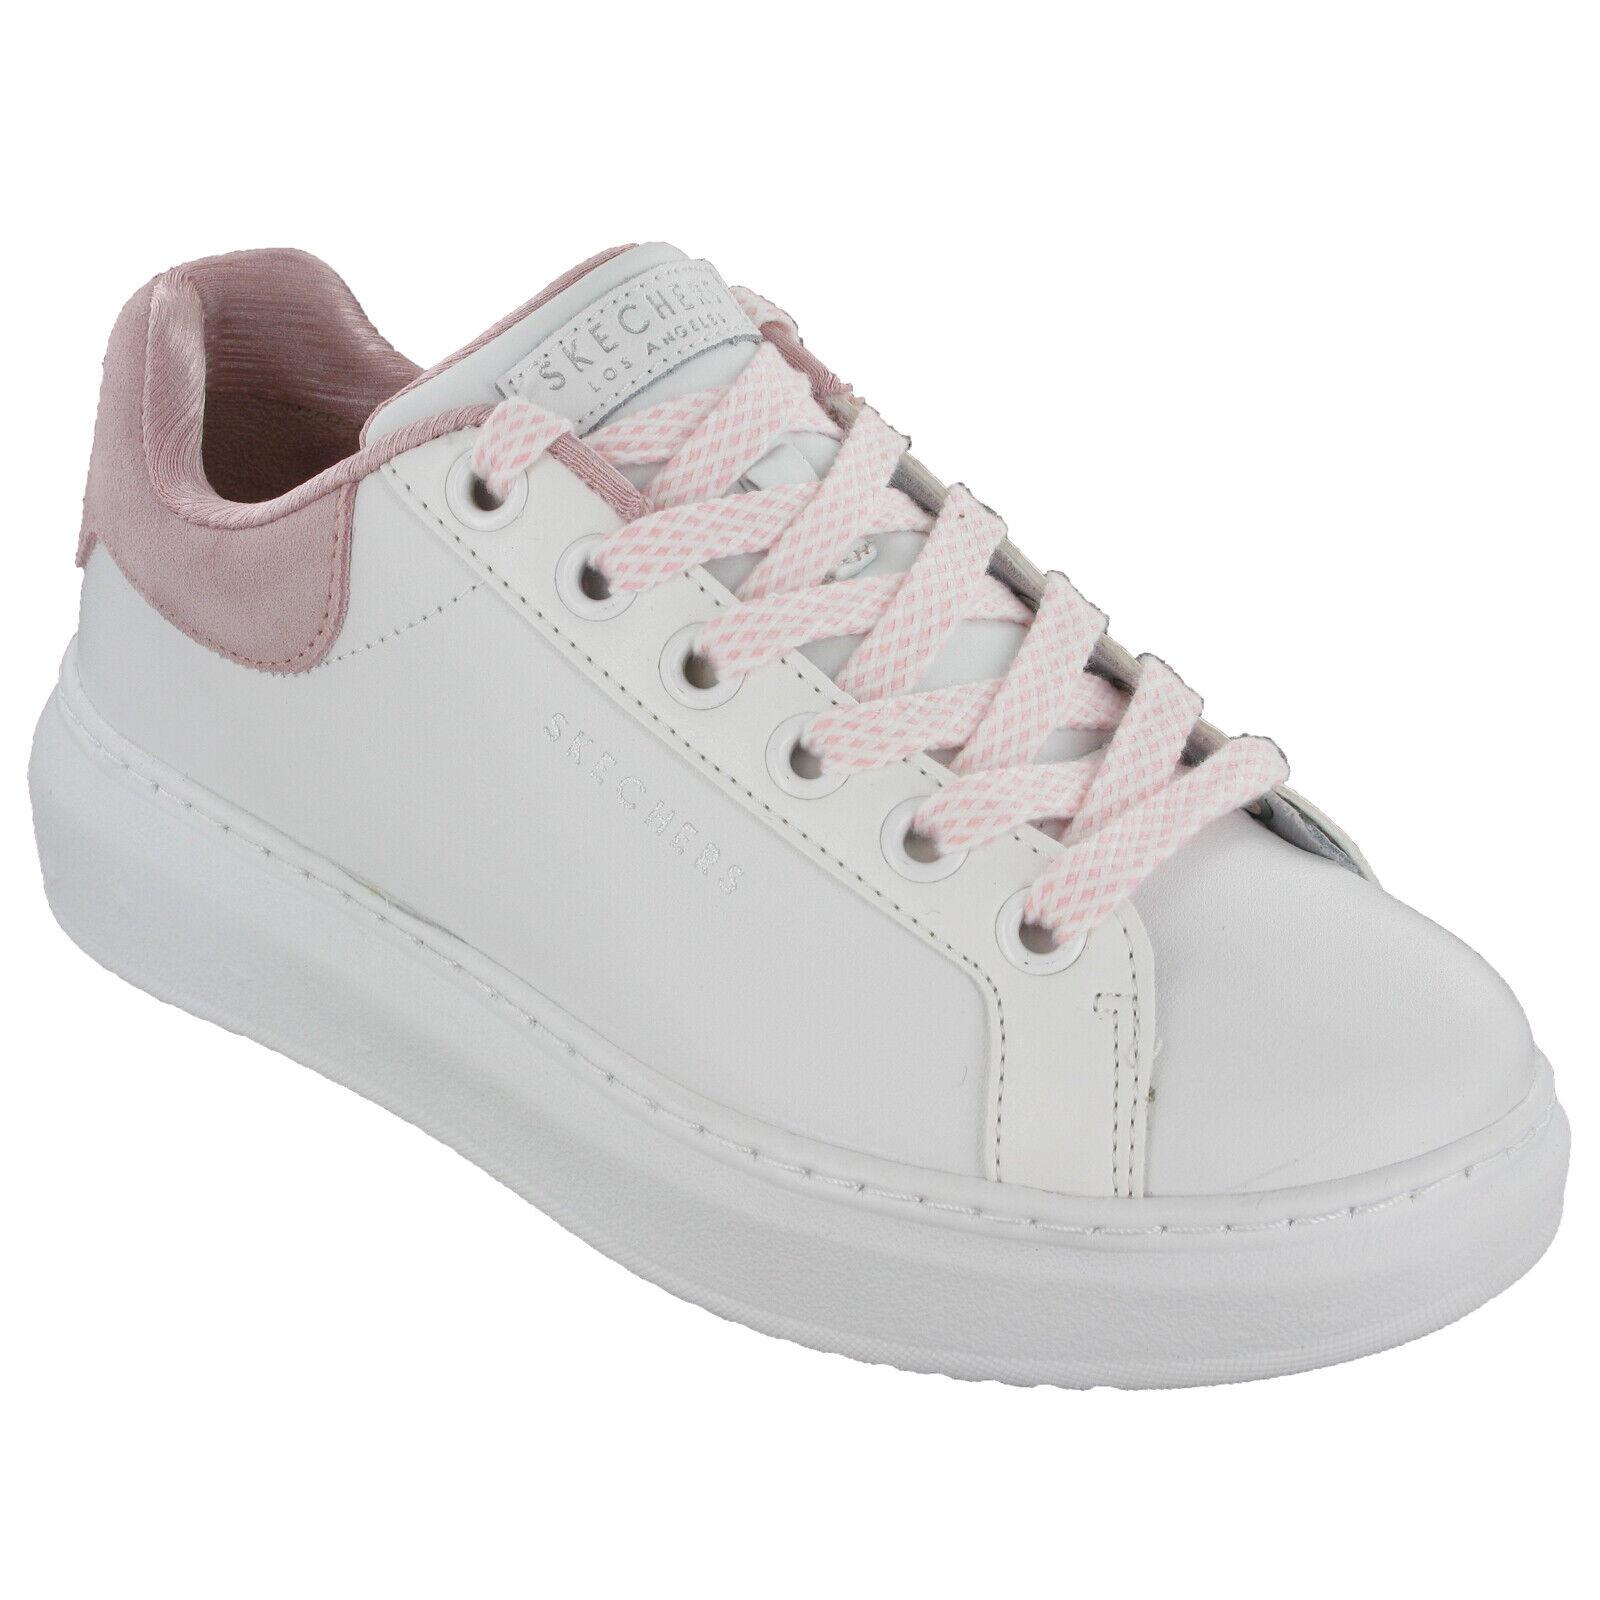 Détails sur Skechers High Street à Pois Ligne Baskets Femmes Compensé Chaussures Mode